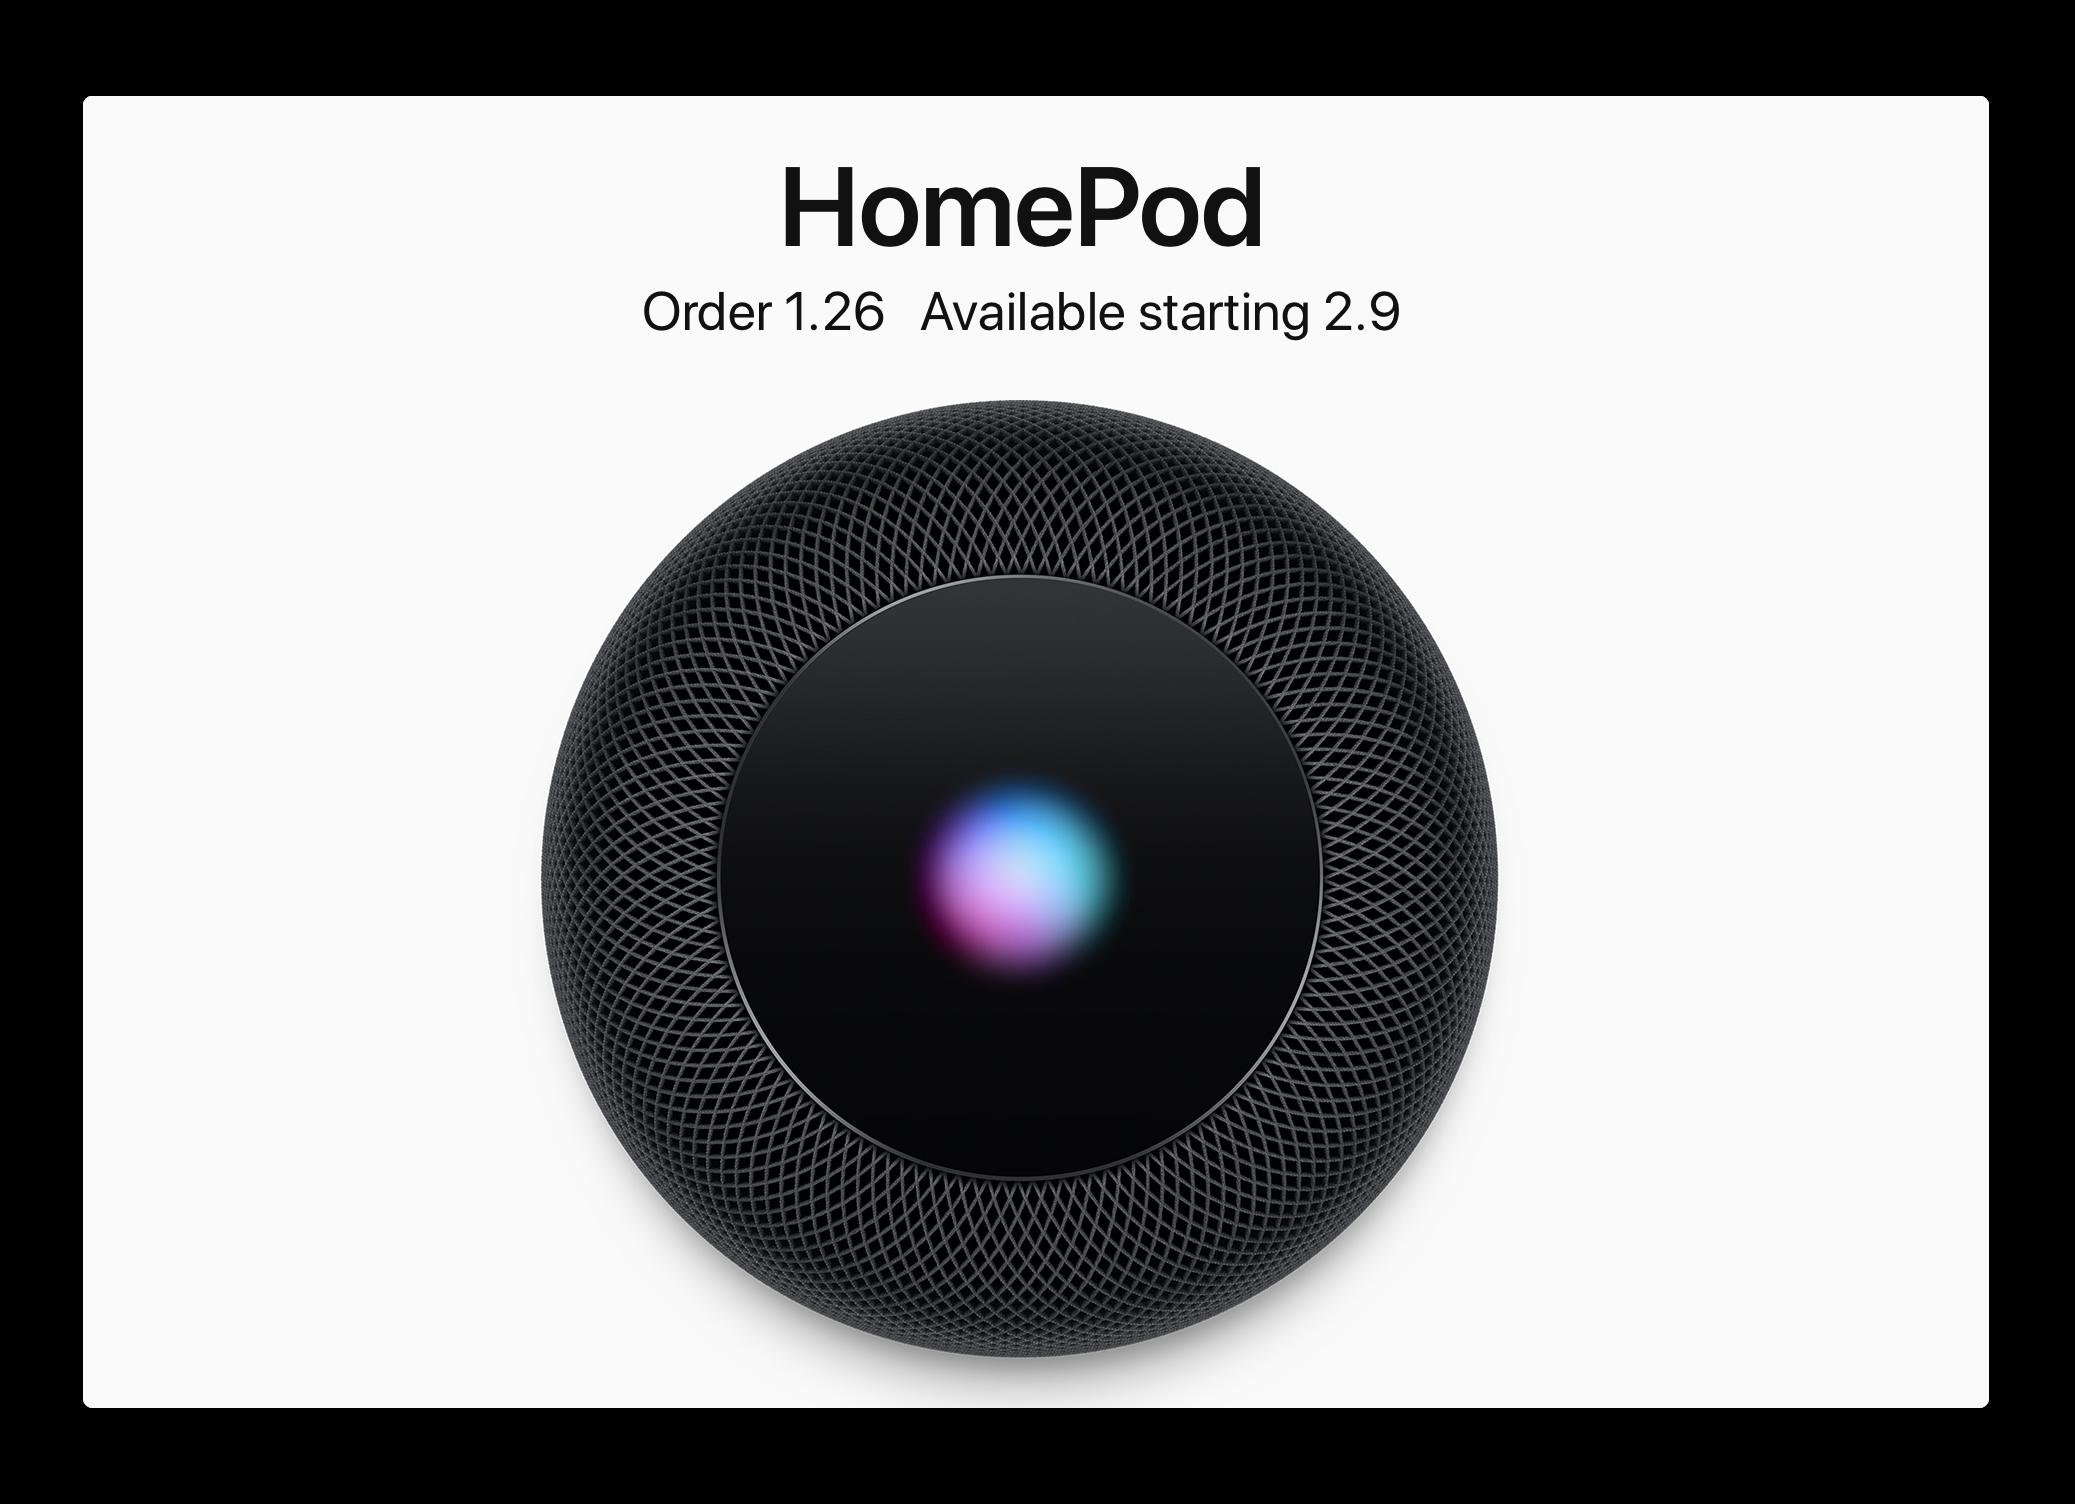 米Apple、HomePodは今週の金曜日に予約可能で、2月9日発売を発表